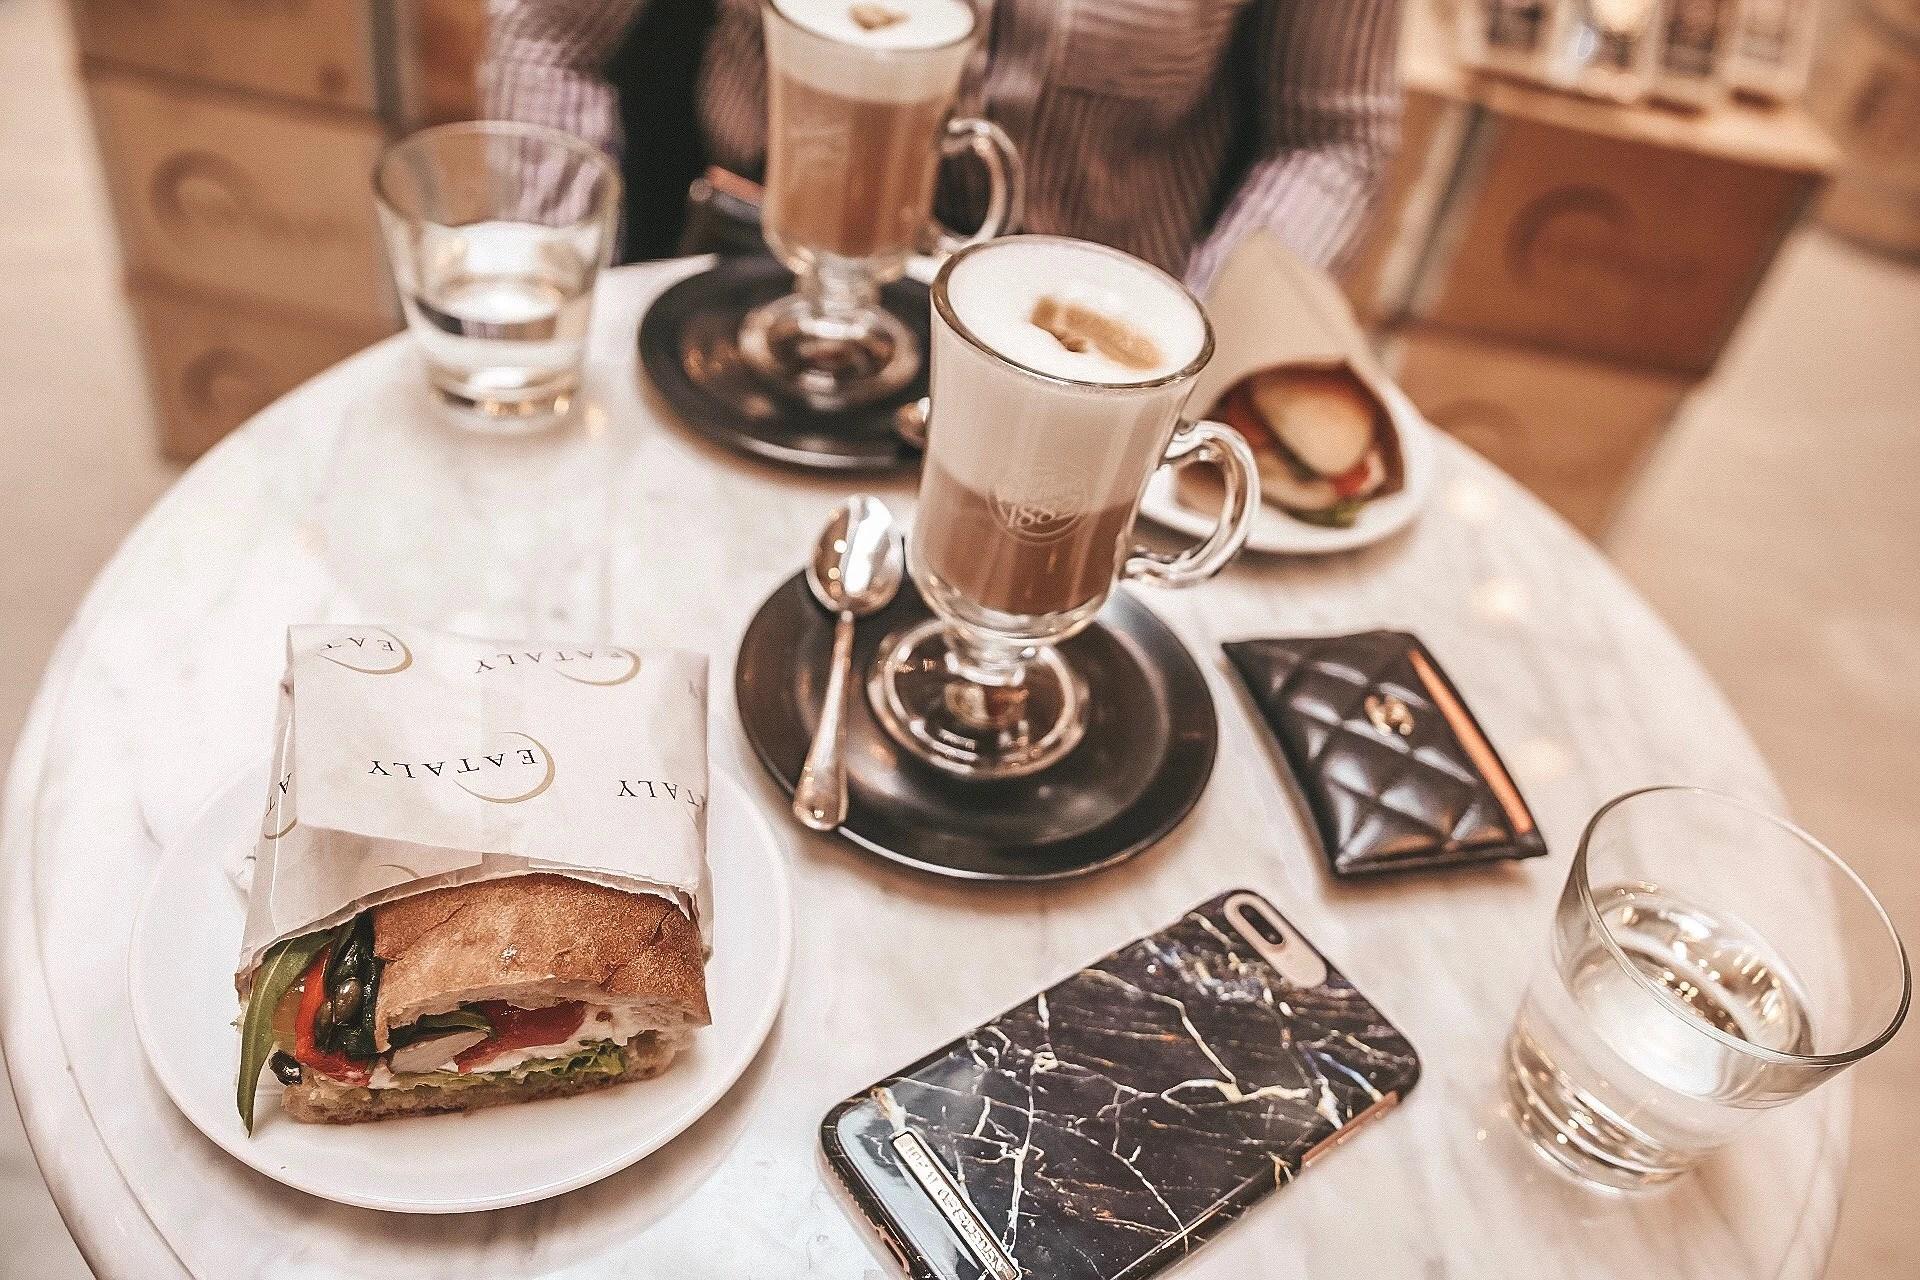 Frukost på Eataly & en försenad veckolista